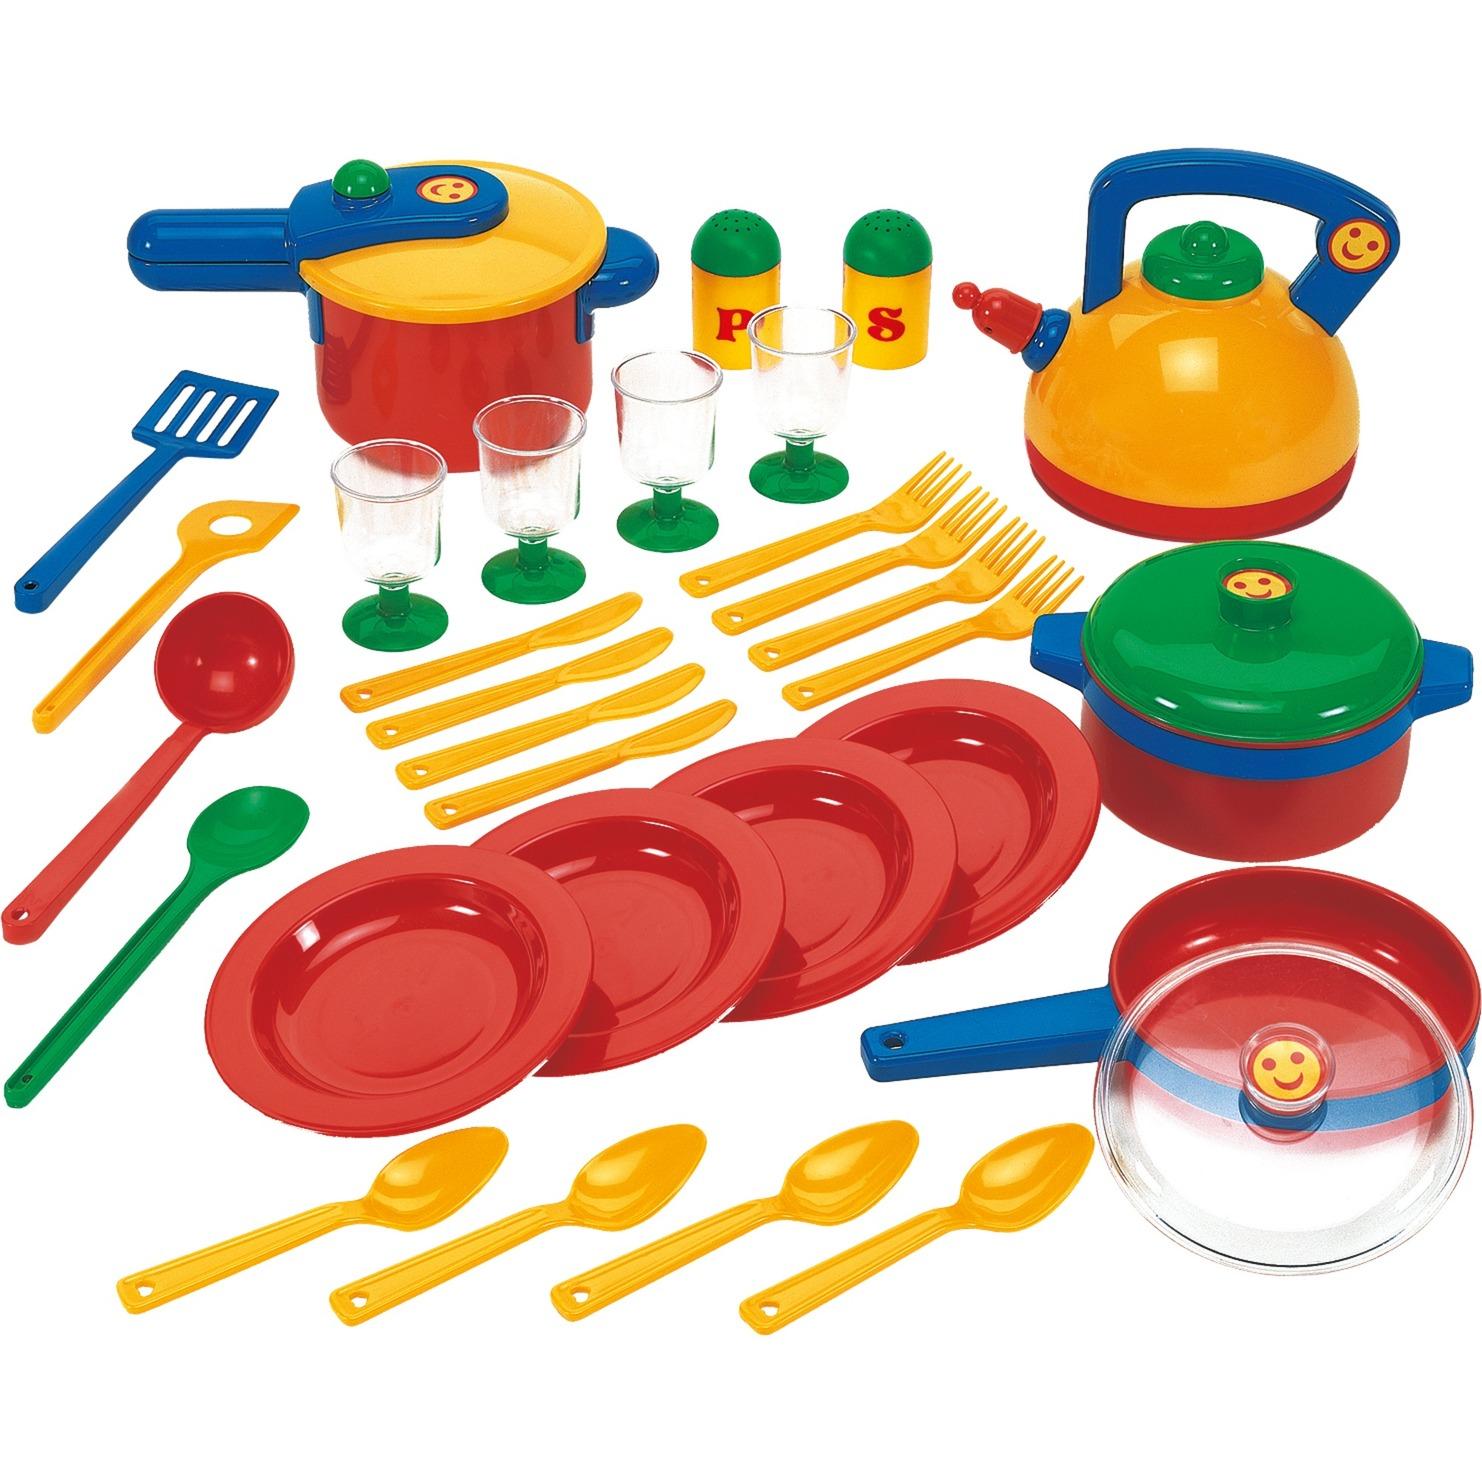 Jeu d'imitation - Maxi dînette Emma's Kitchen, Appareil ménager pour enfants